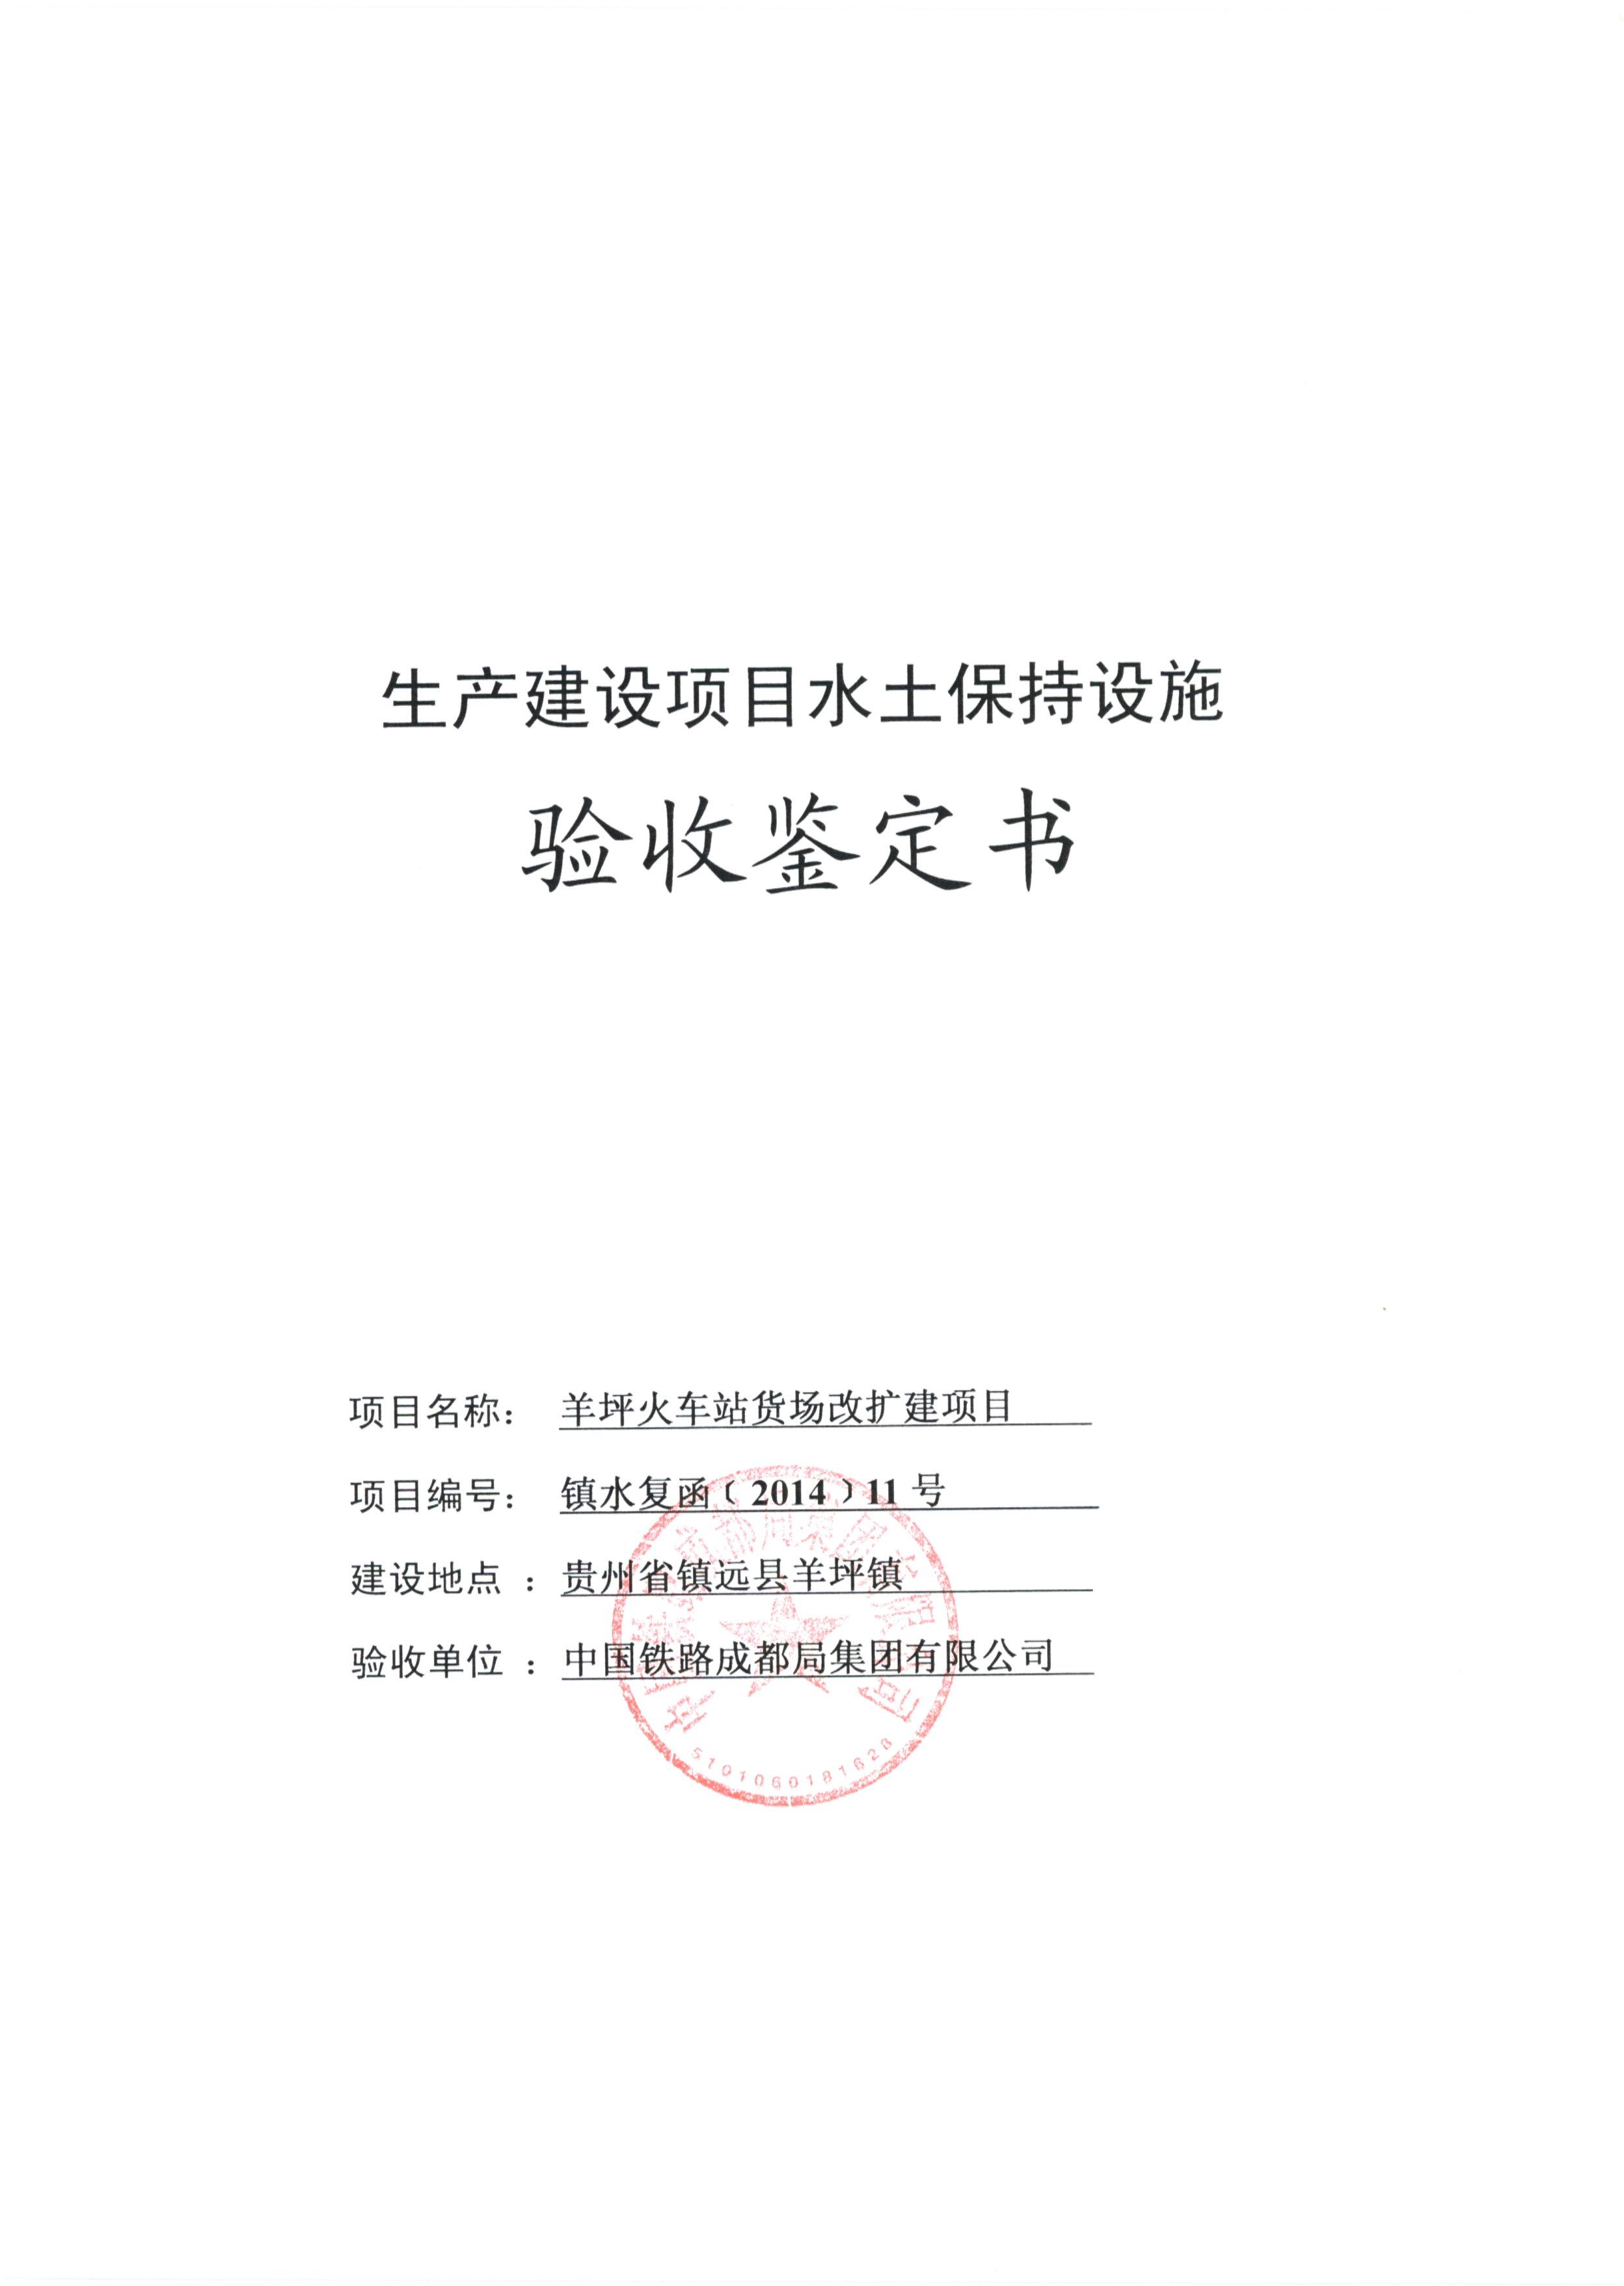 4.羊坪货场验收鉴定书(外封白色)_页面_2.jpg